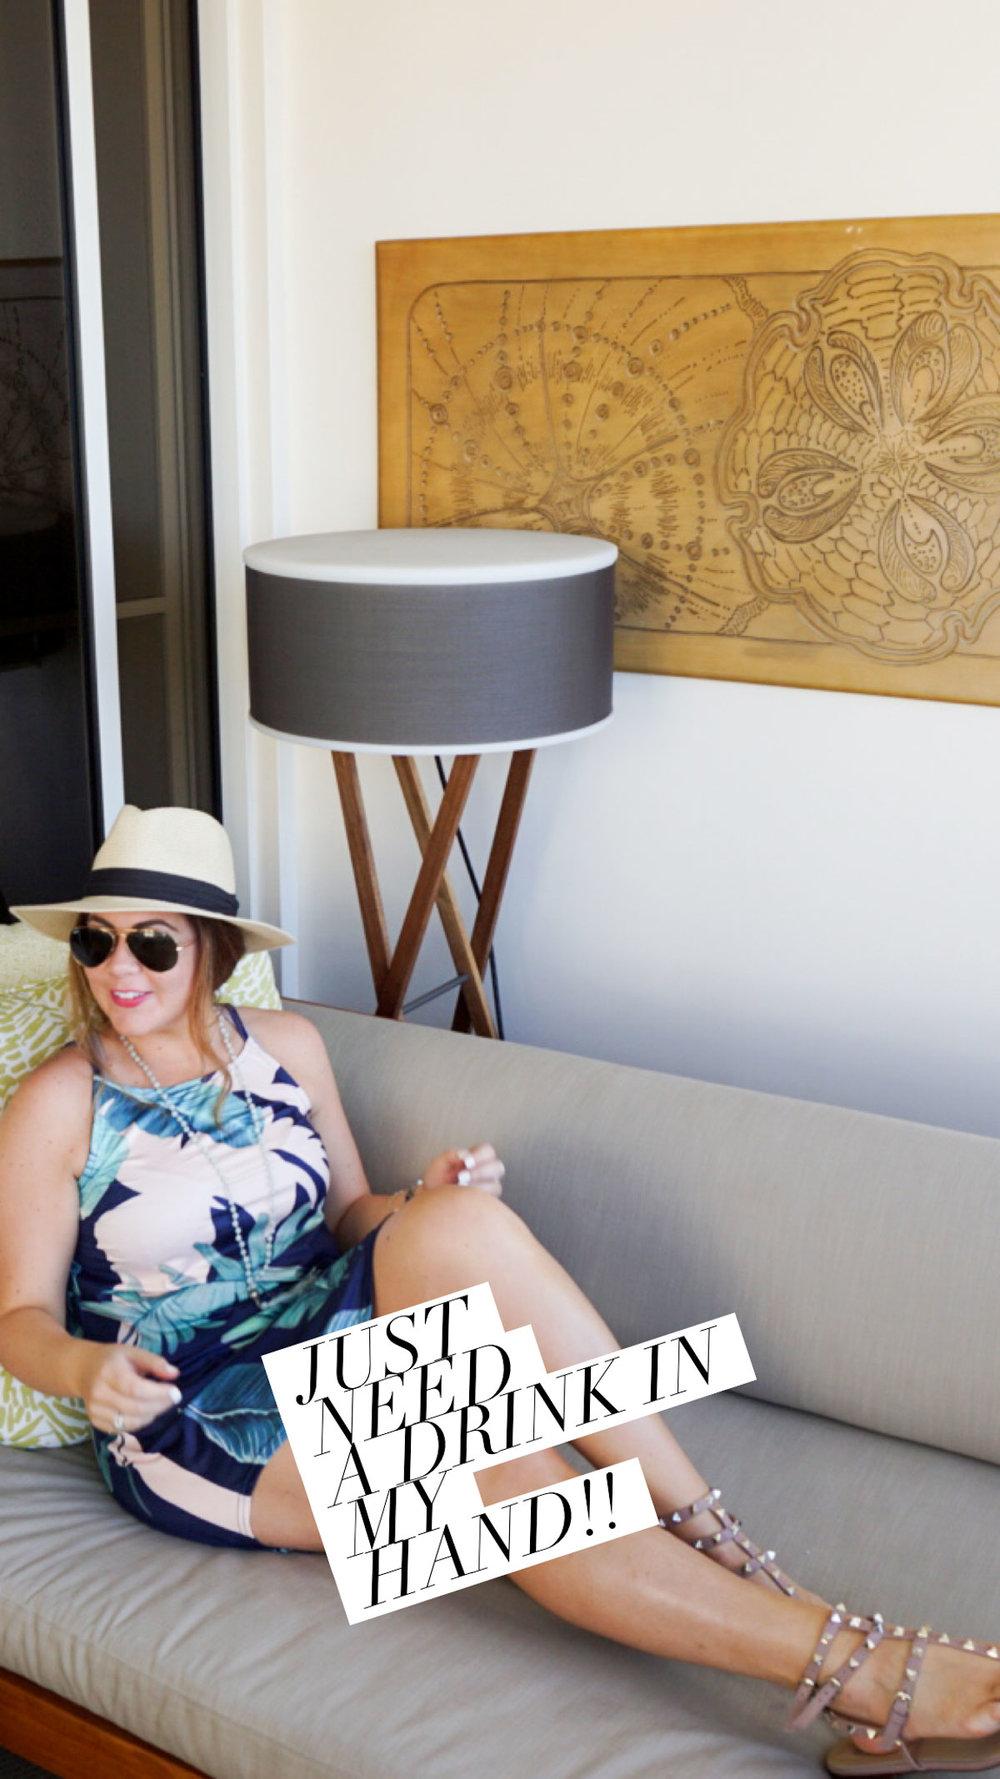 Best Hotel Oahu_Four Seasons Oahu_Addie Bell-5073.jpg